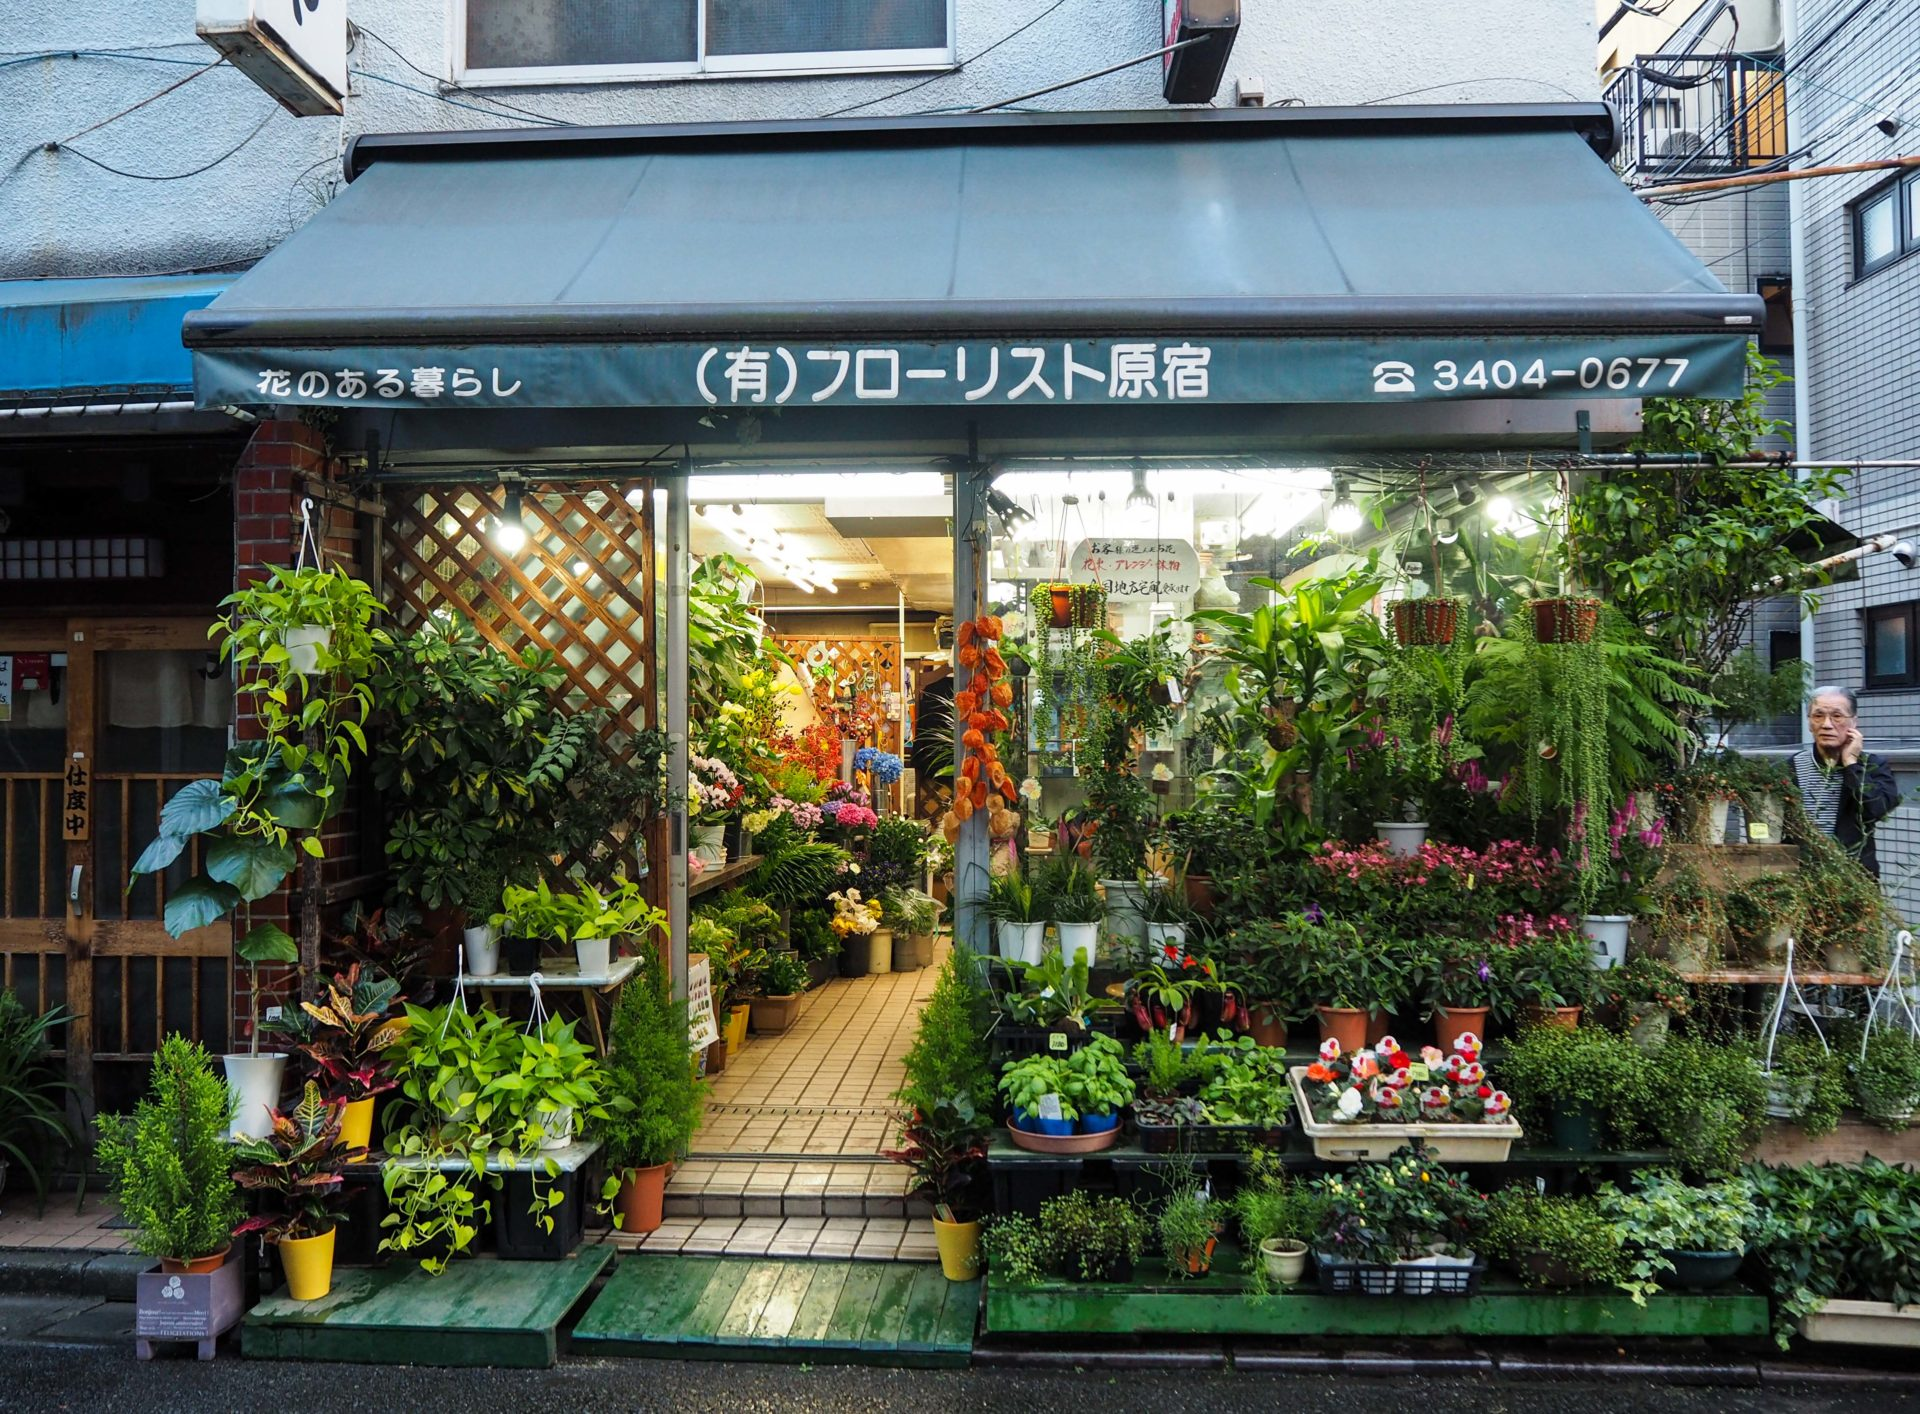 Urahara à Tokyo - Escale à Tokyo: 24h dans la capitale du Japon - Tokyo en 24h - Récit et itinéraire pour visiter Tokyo en une journée